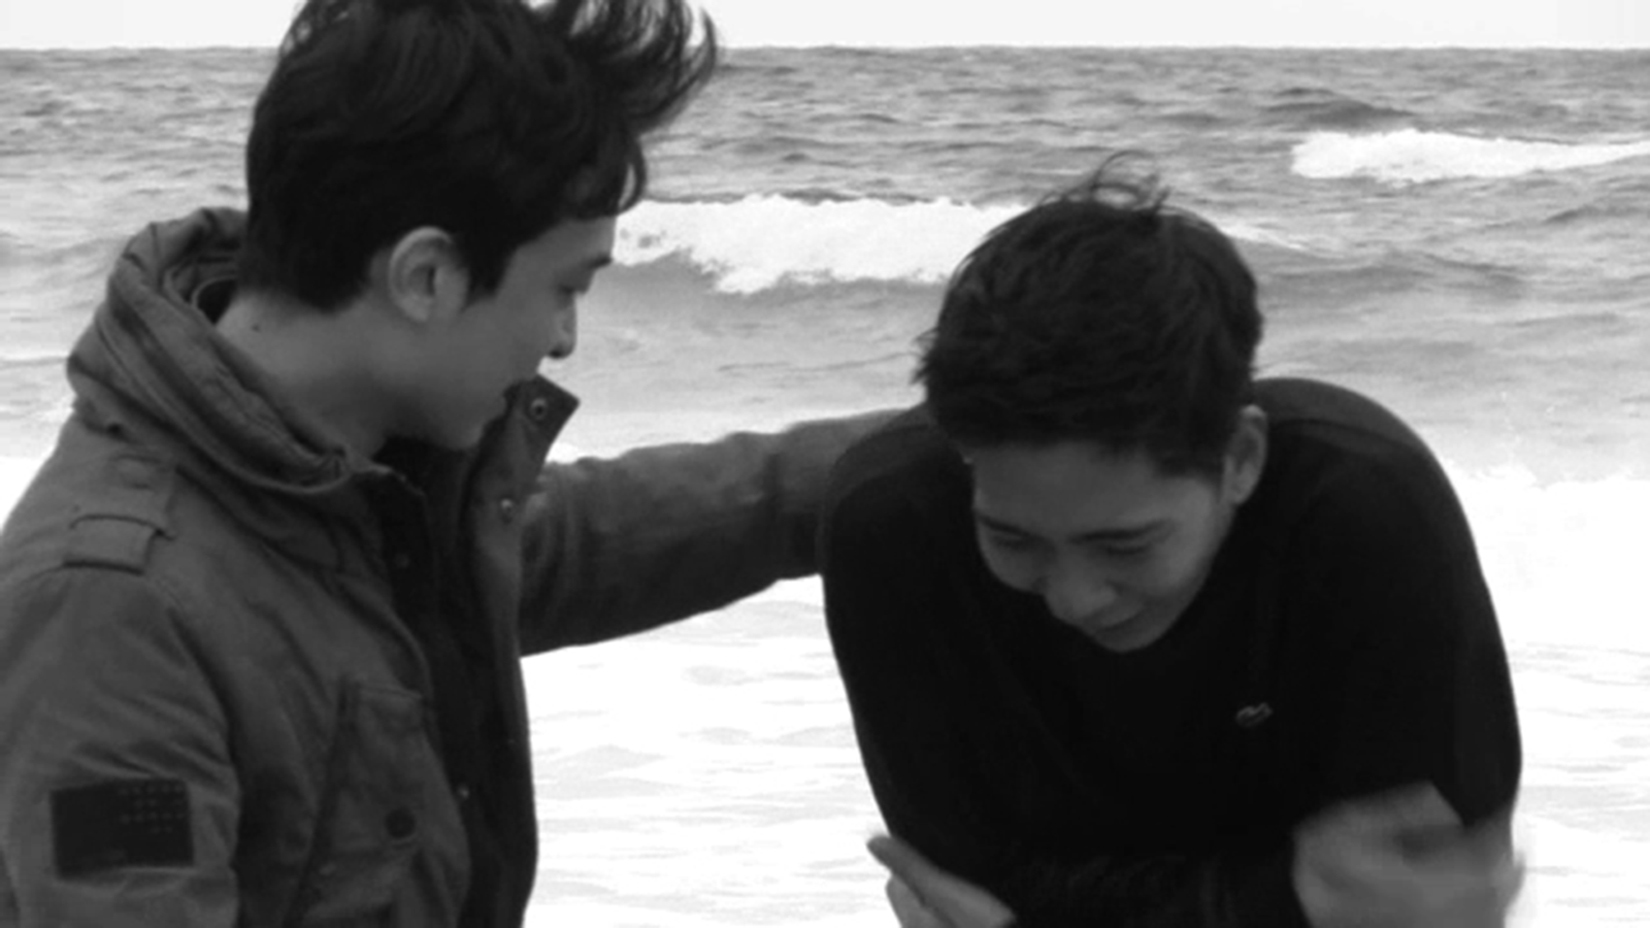 Vertrautes Versatzstück beim koreanischen Meister: der Strand. Foto: Jeonwonsa Film Co.Production